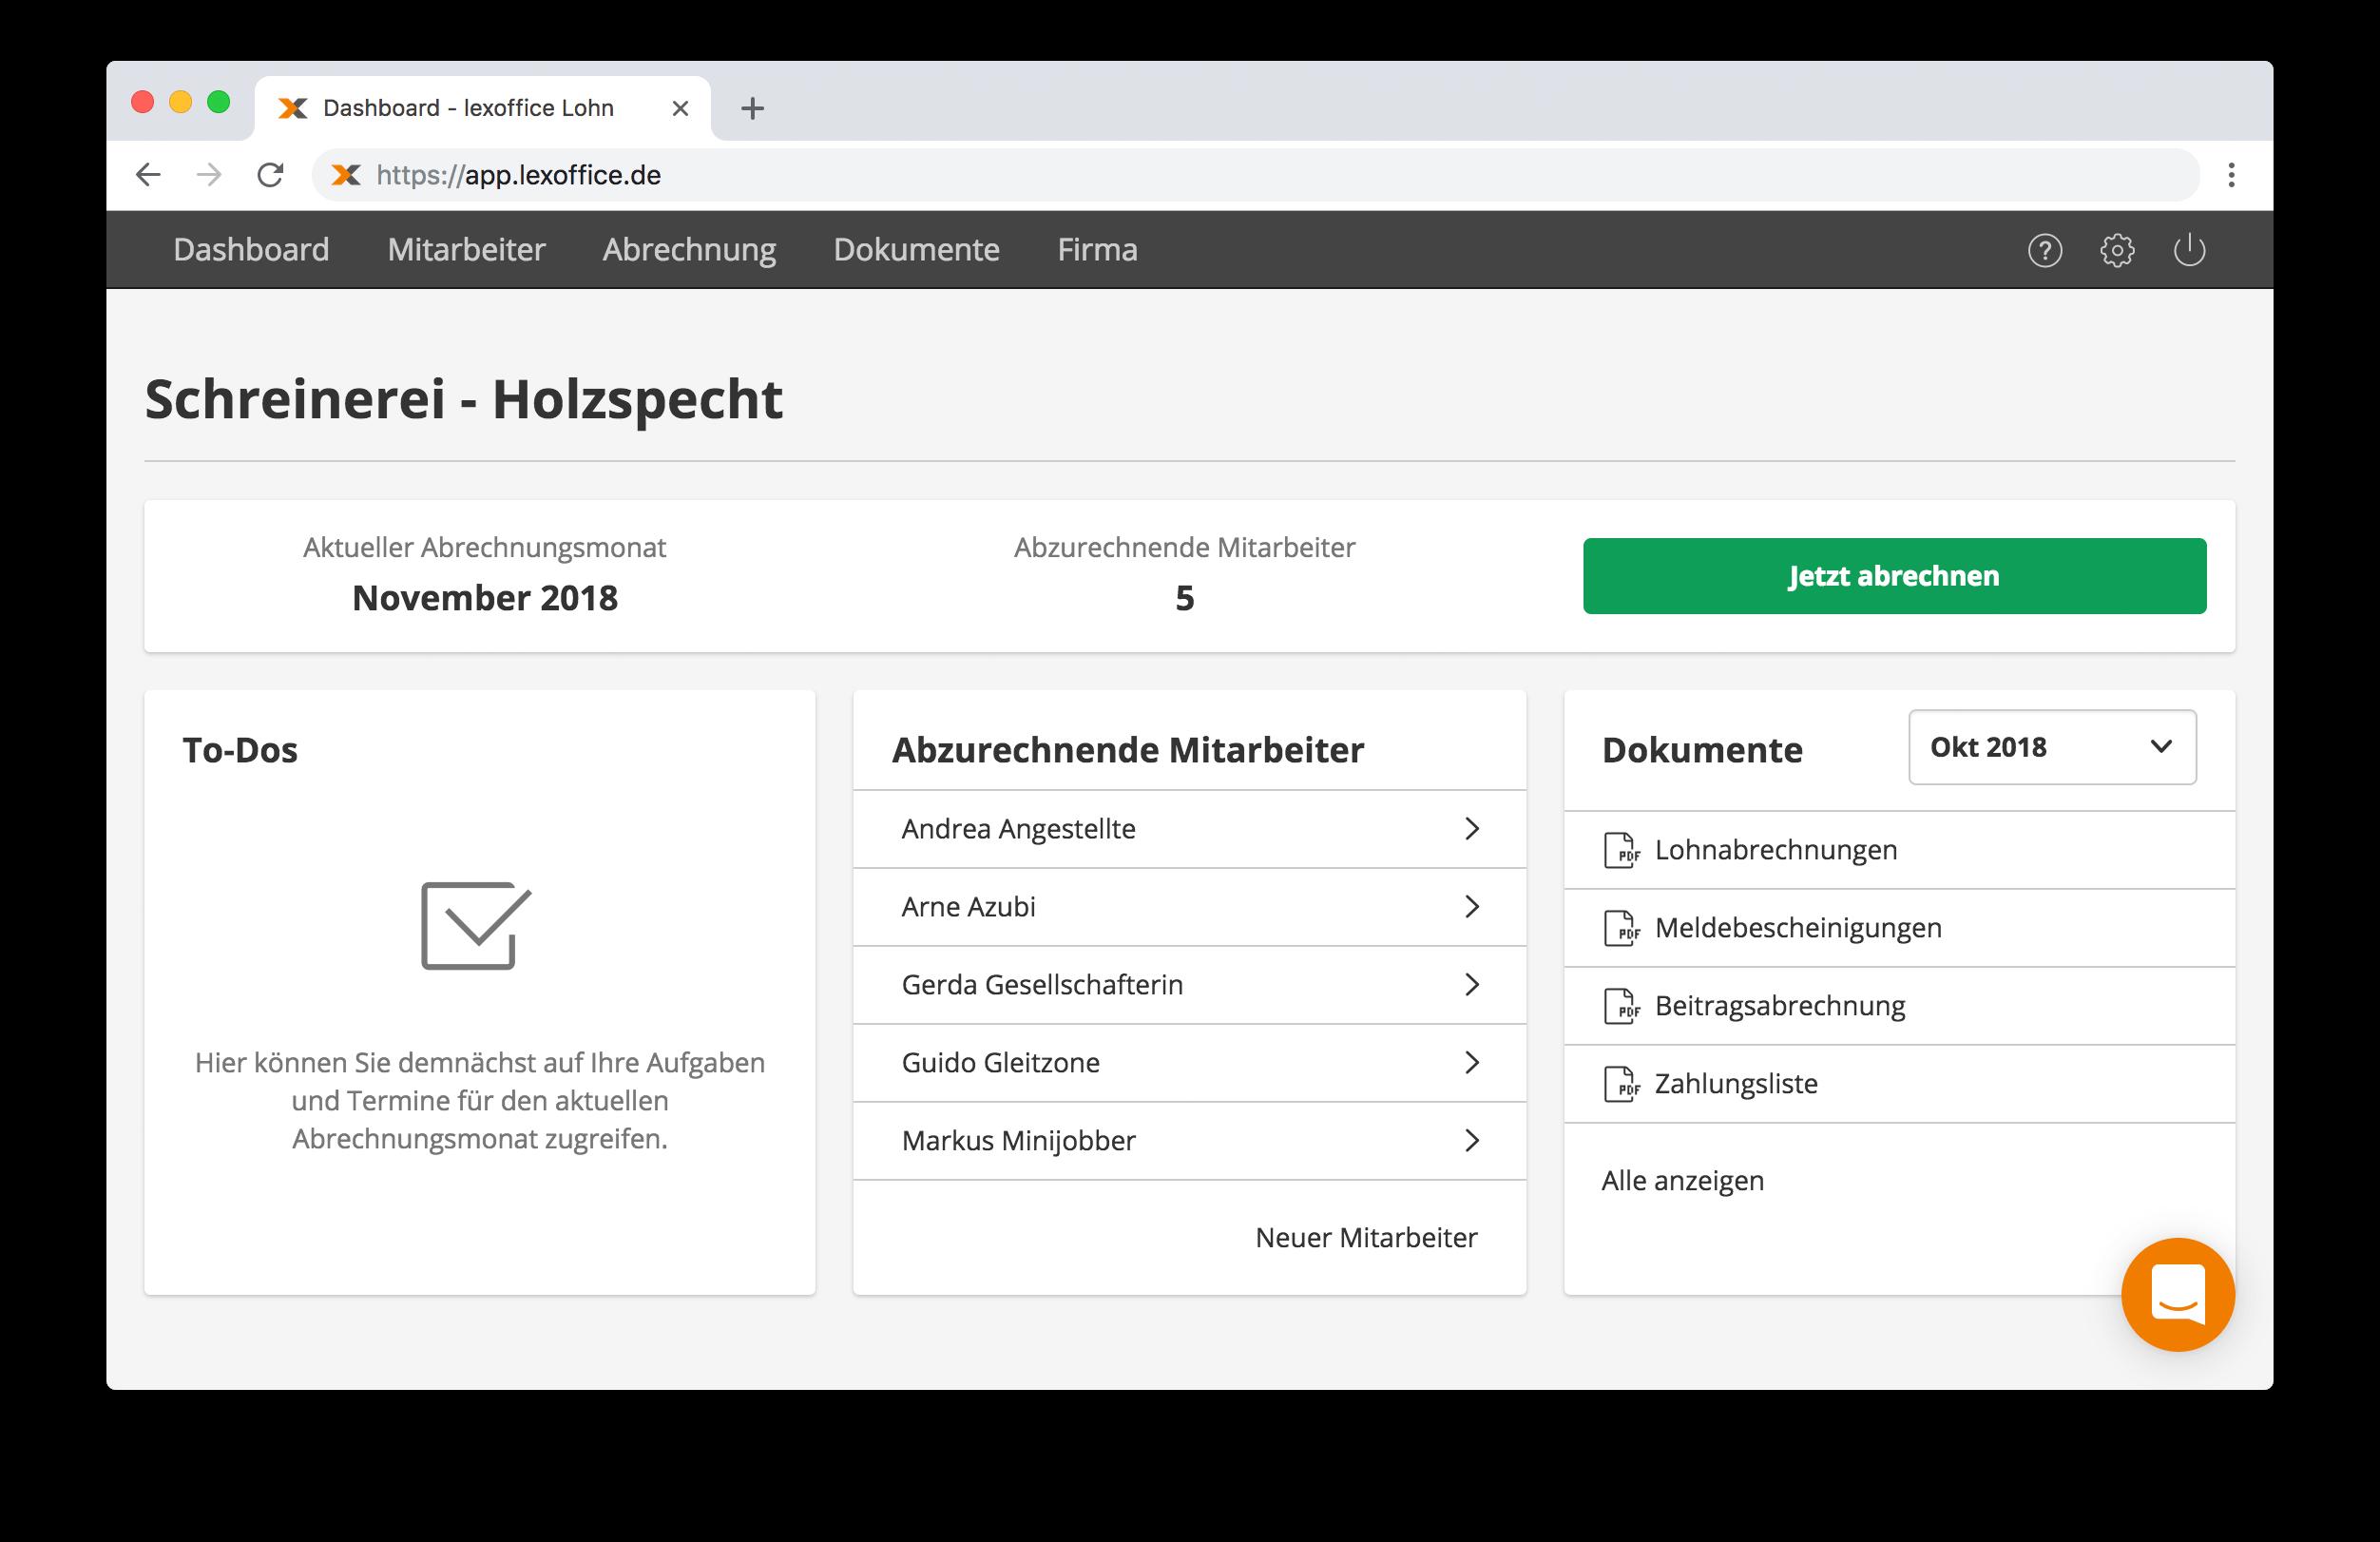 Online Lohnabrechnung von lexoffice: Chef Übersicht / Dashboard